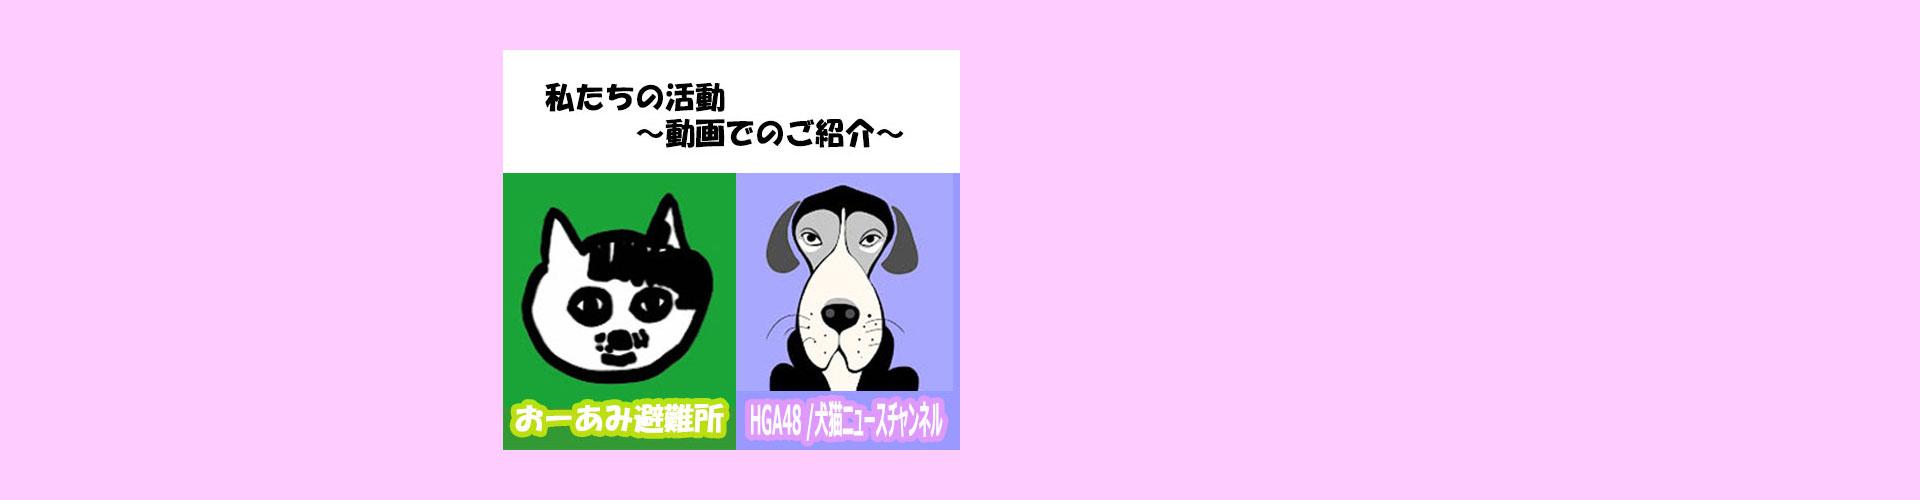 動画でご紹介!